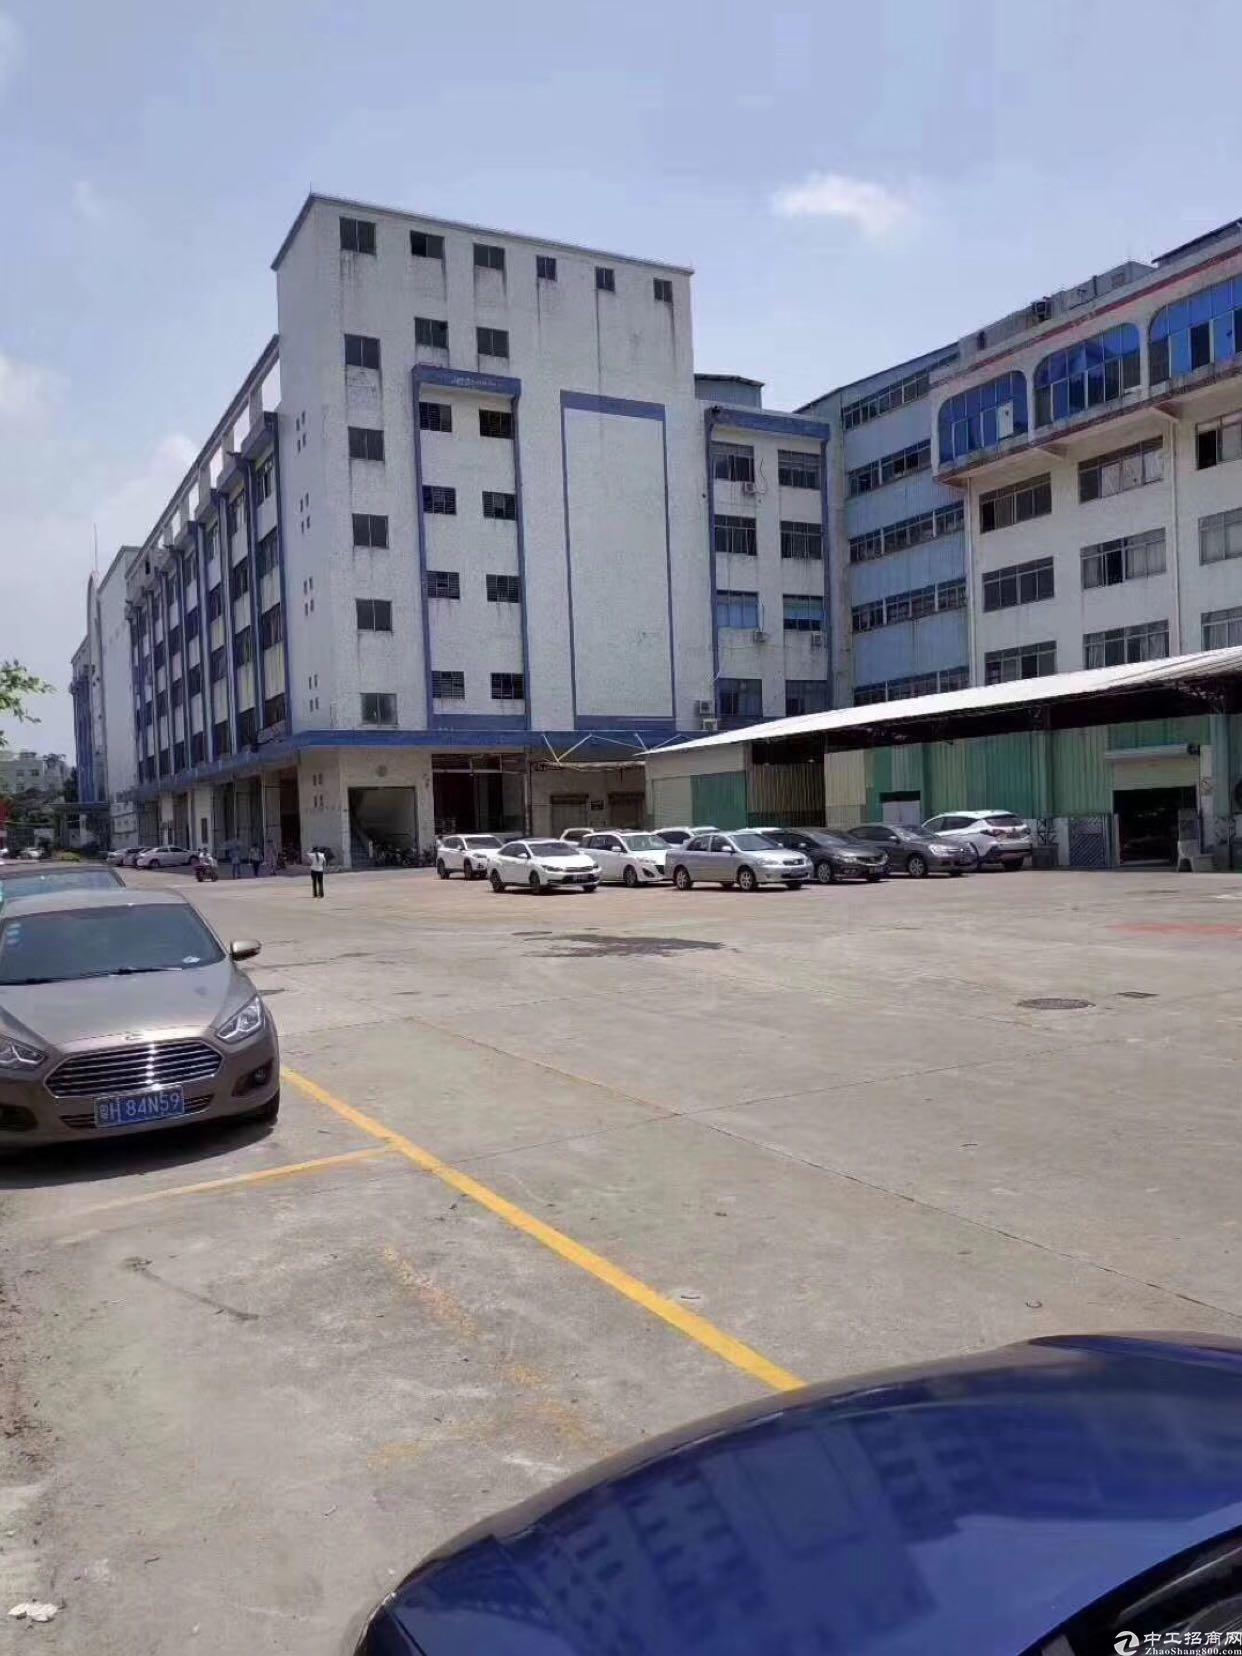 业主急租工业园区一楼带牛腿层高6米电大形象佳